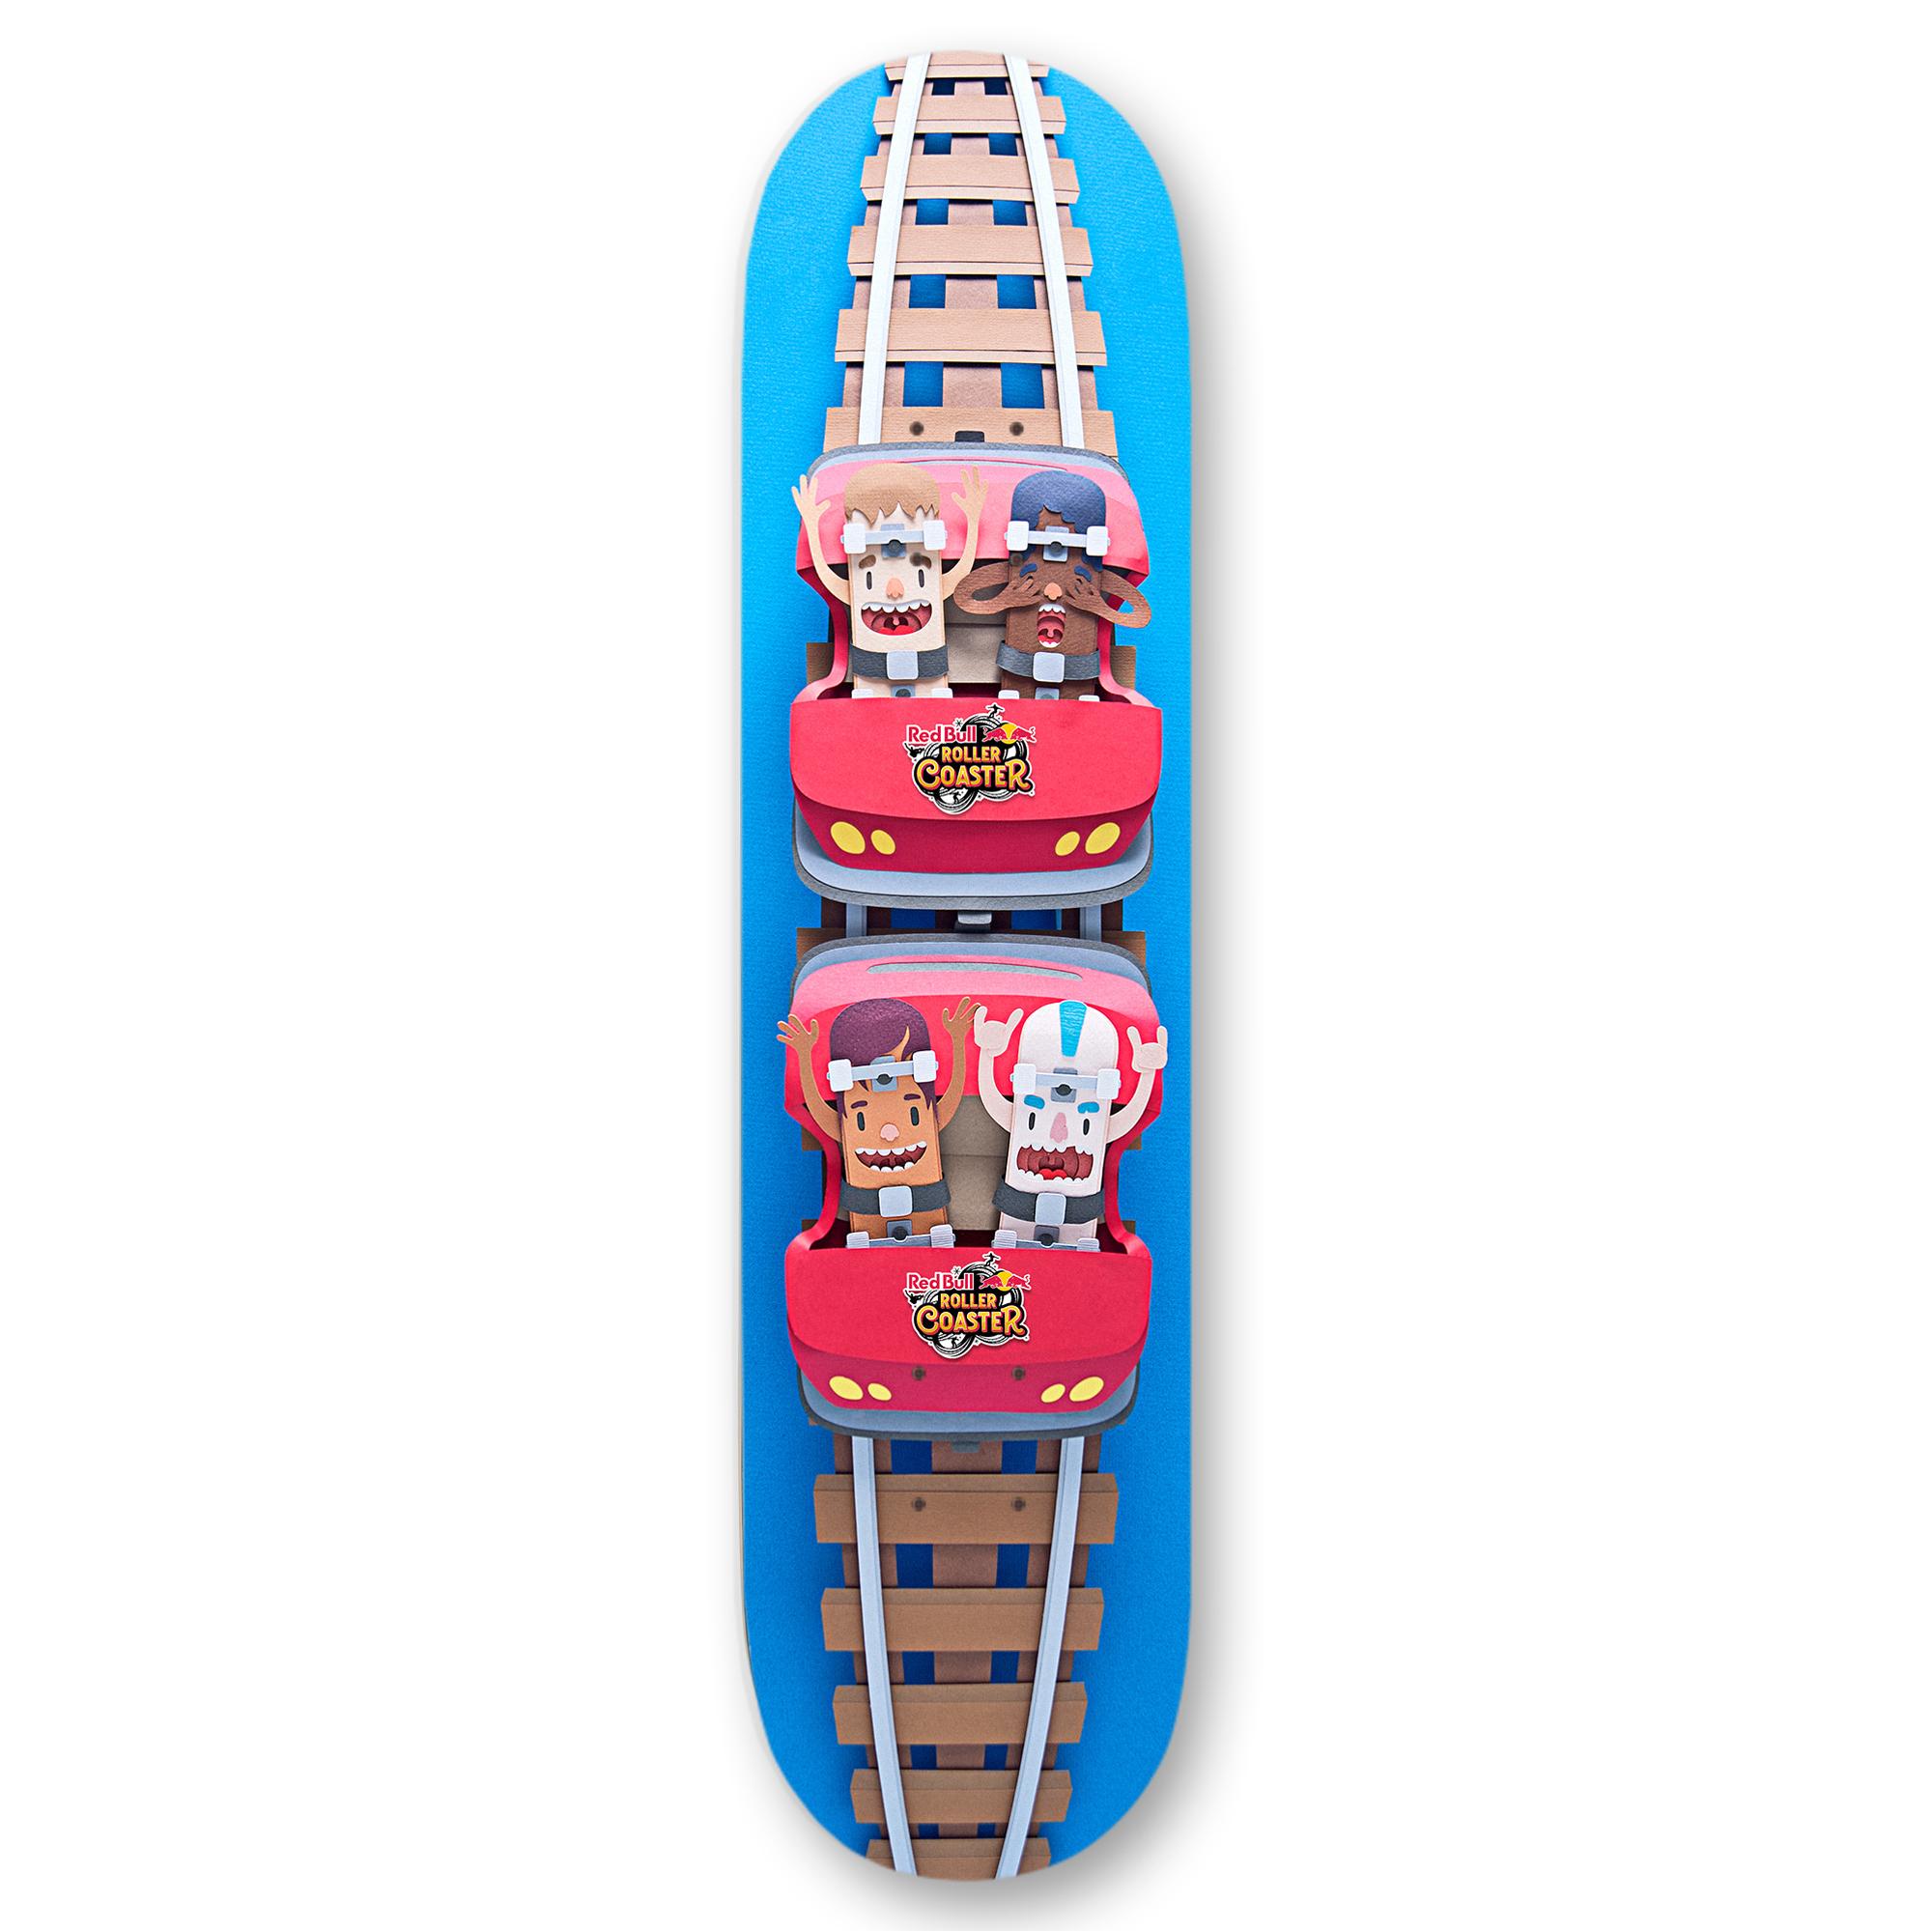 RB_skate_front